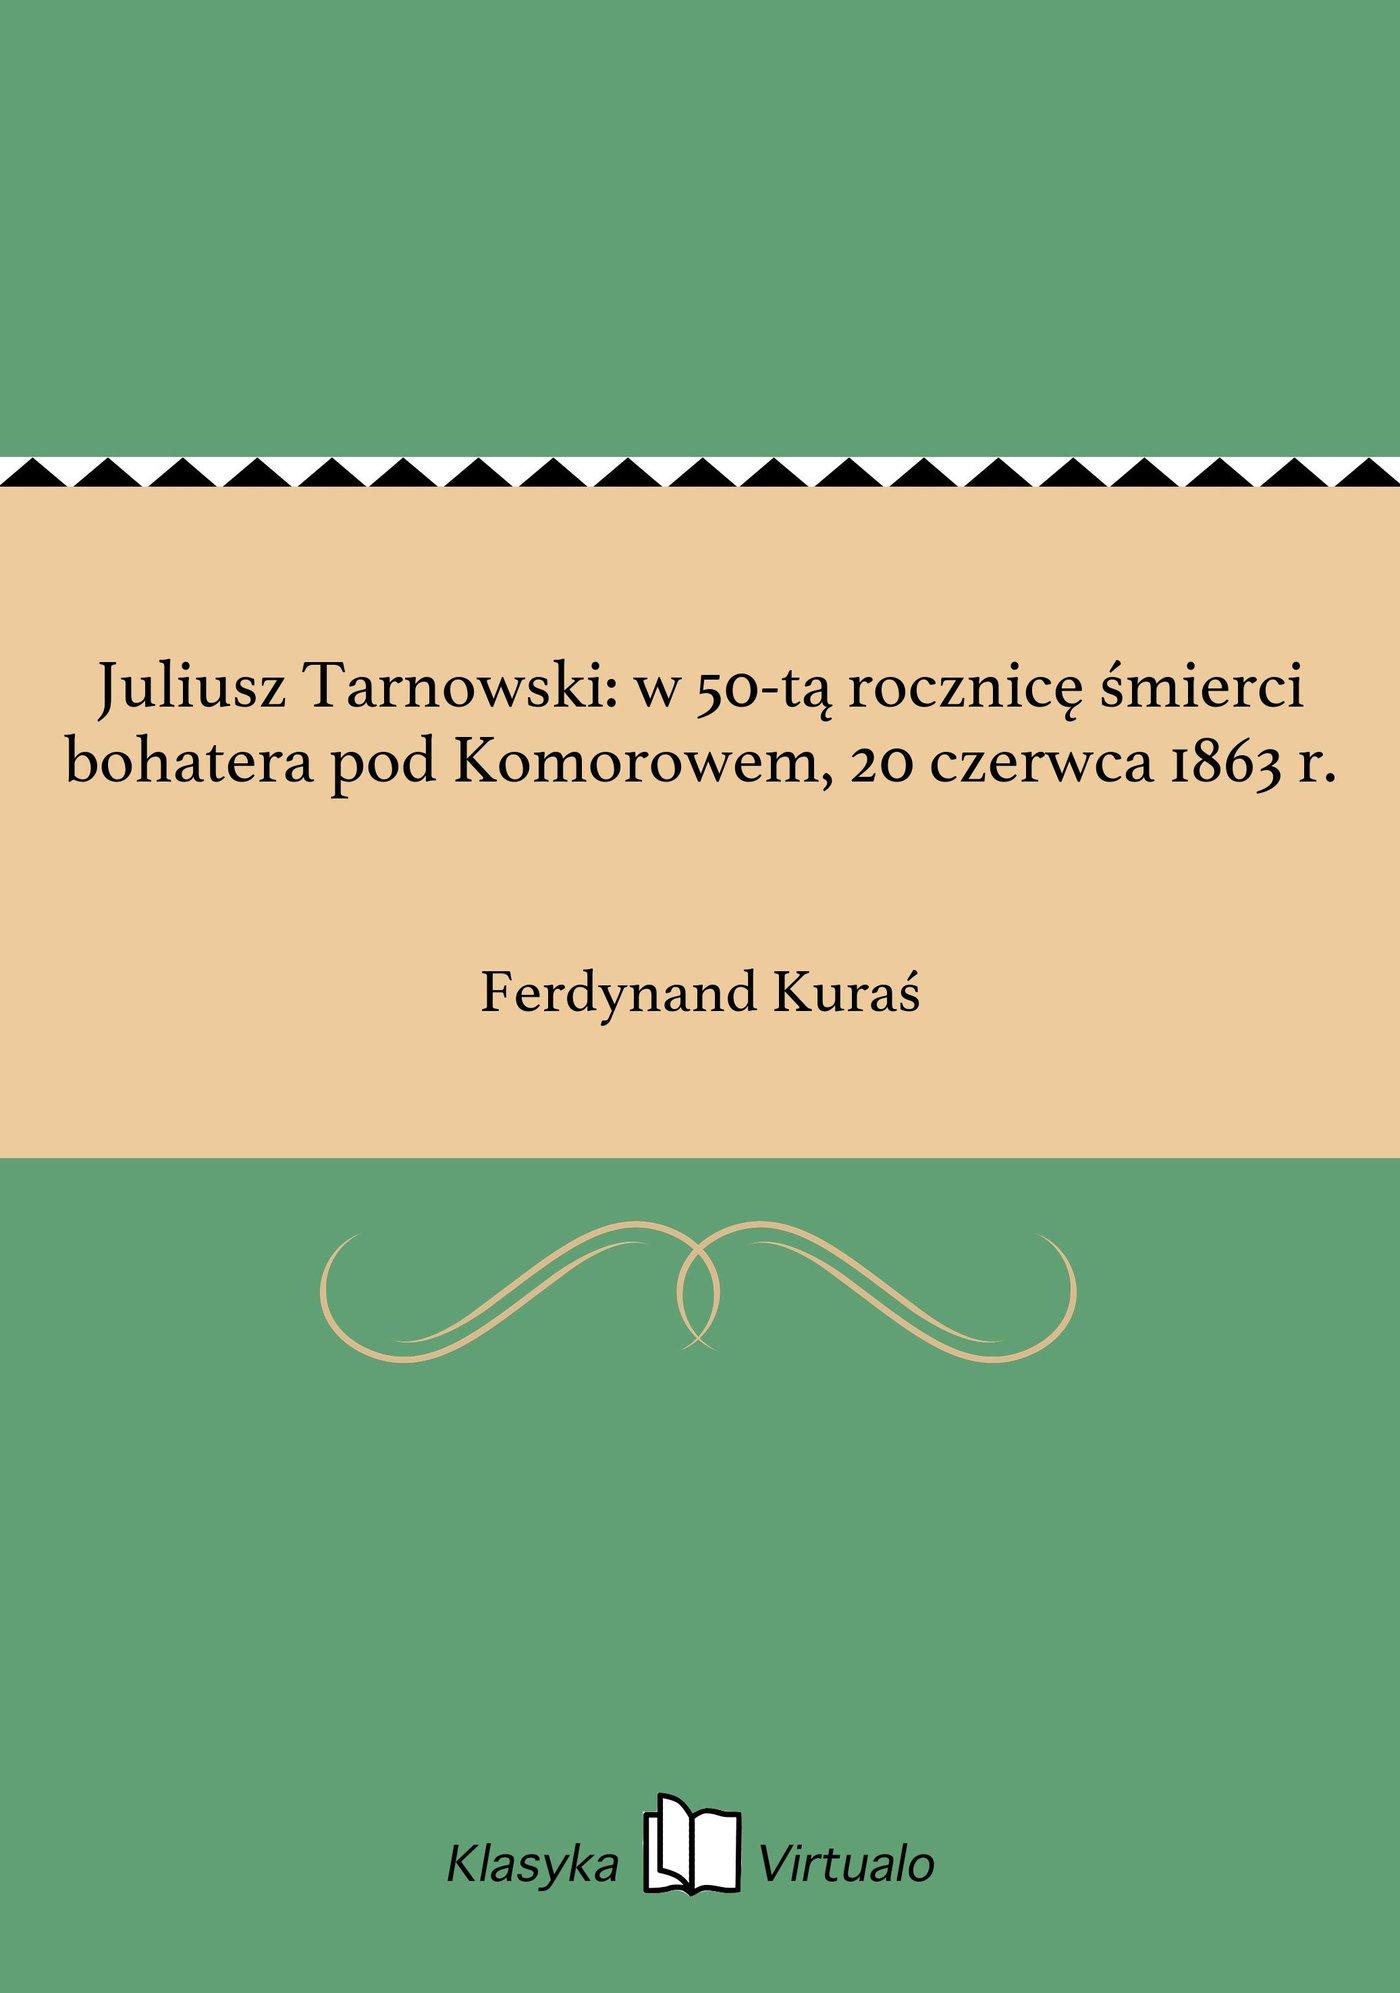 Juliusz Tarnowski: w 50-tą rocznicę śmierci bohatera pod Komorowem, 20 czerwca 1863 r. - Ebook (Książka na Kindle) do pobrania w formacie MOBI